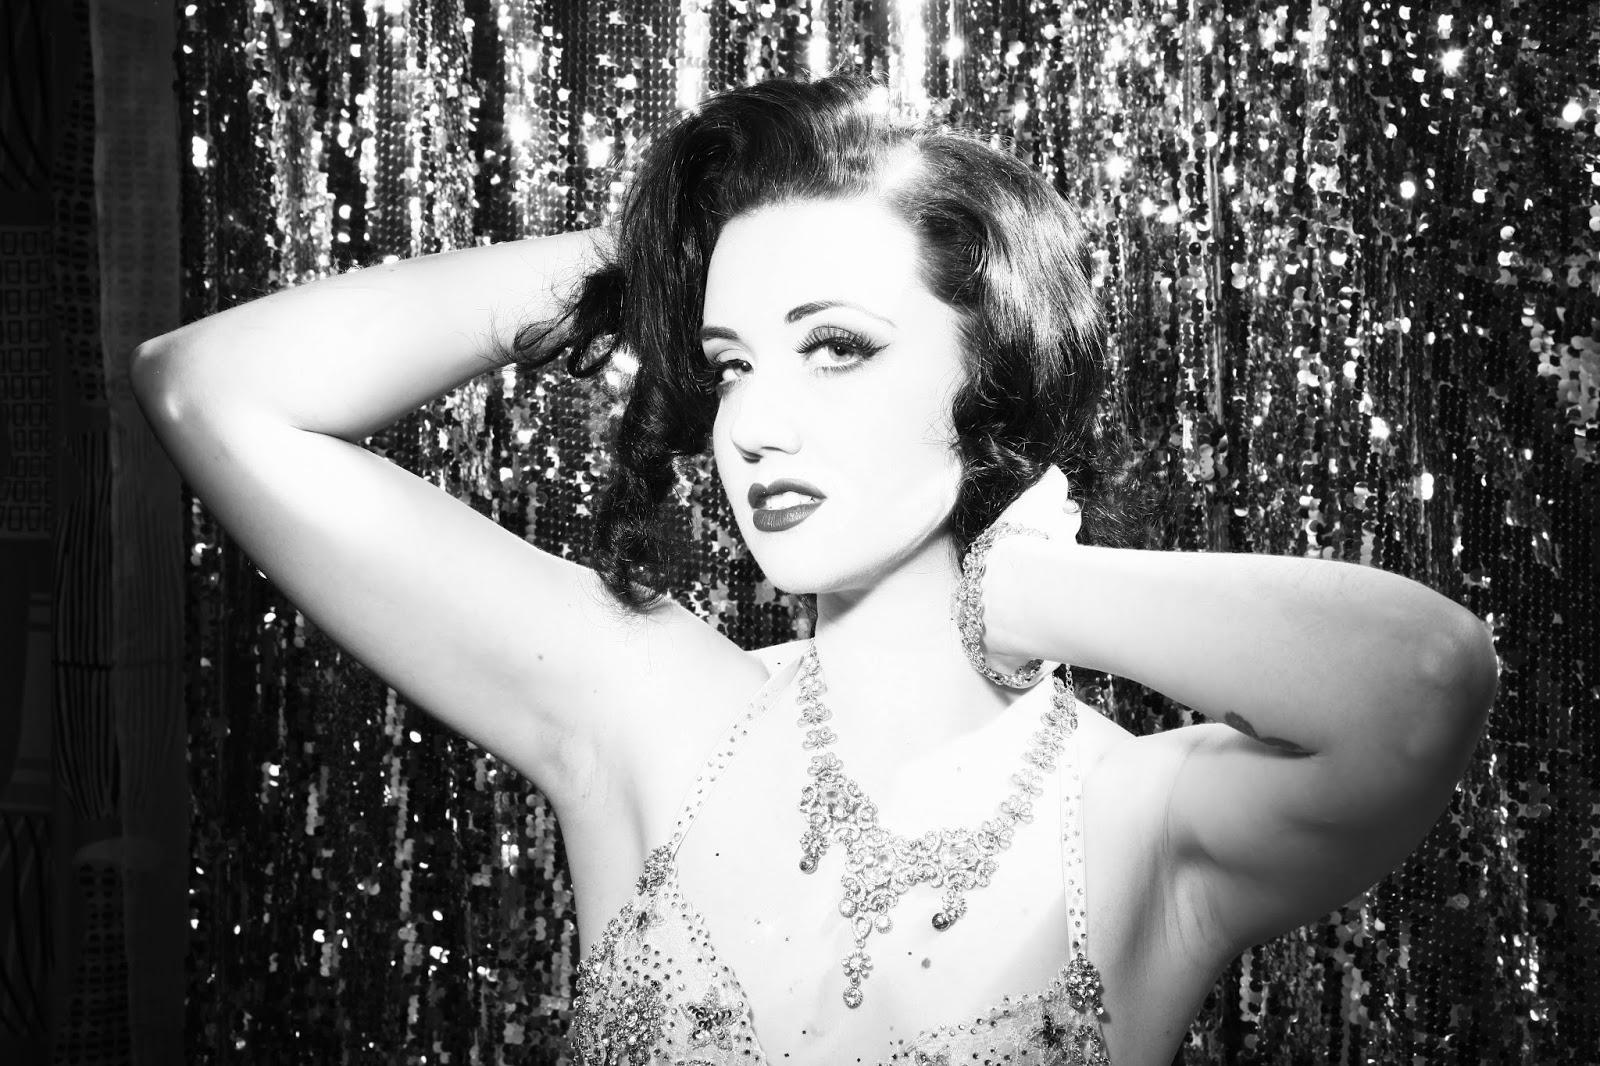 Secrets of the Boudoir Burlesque